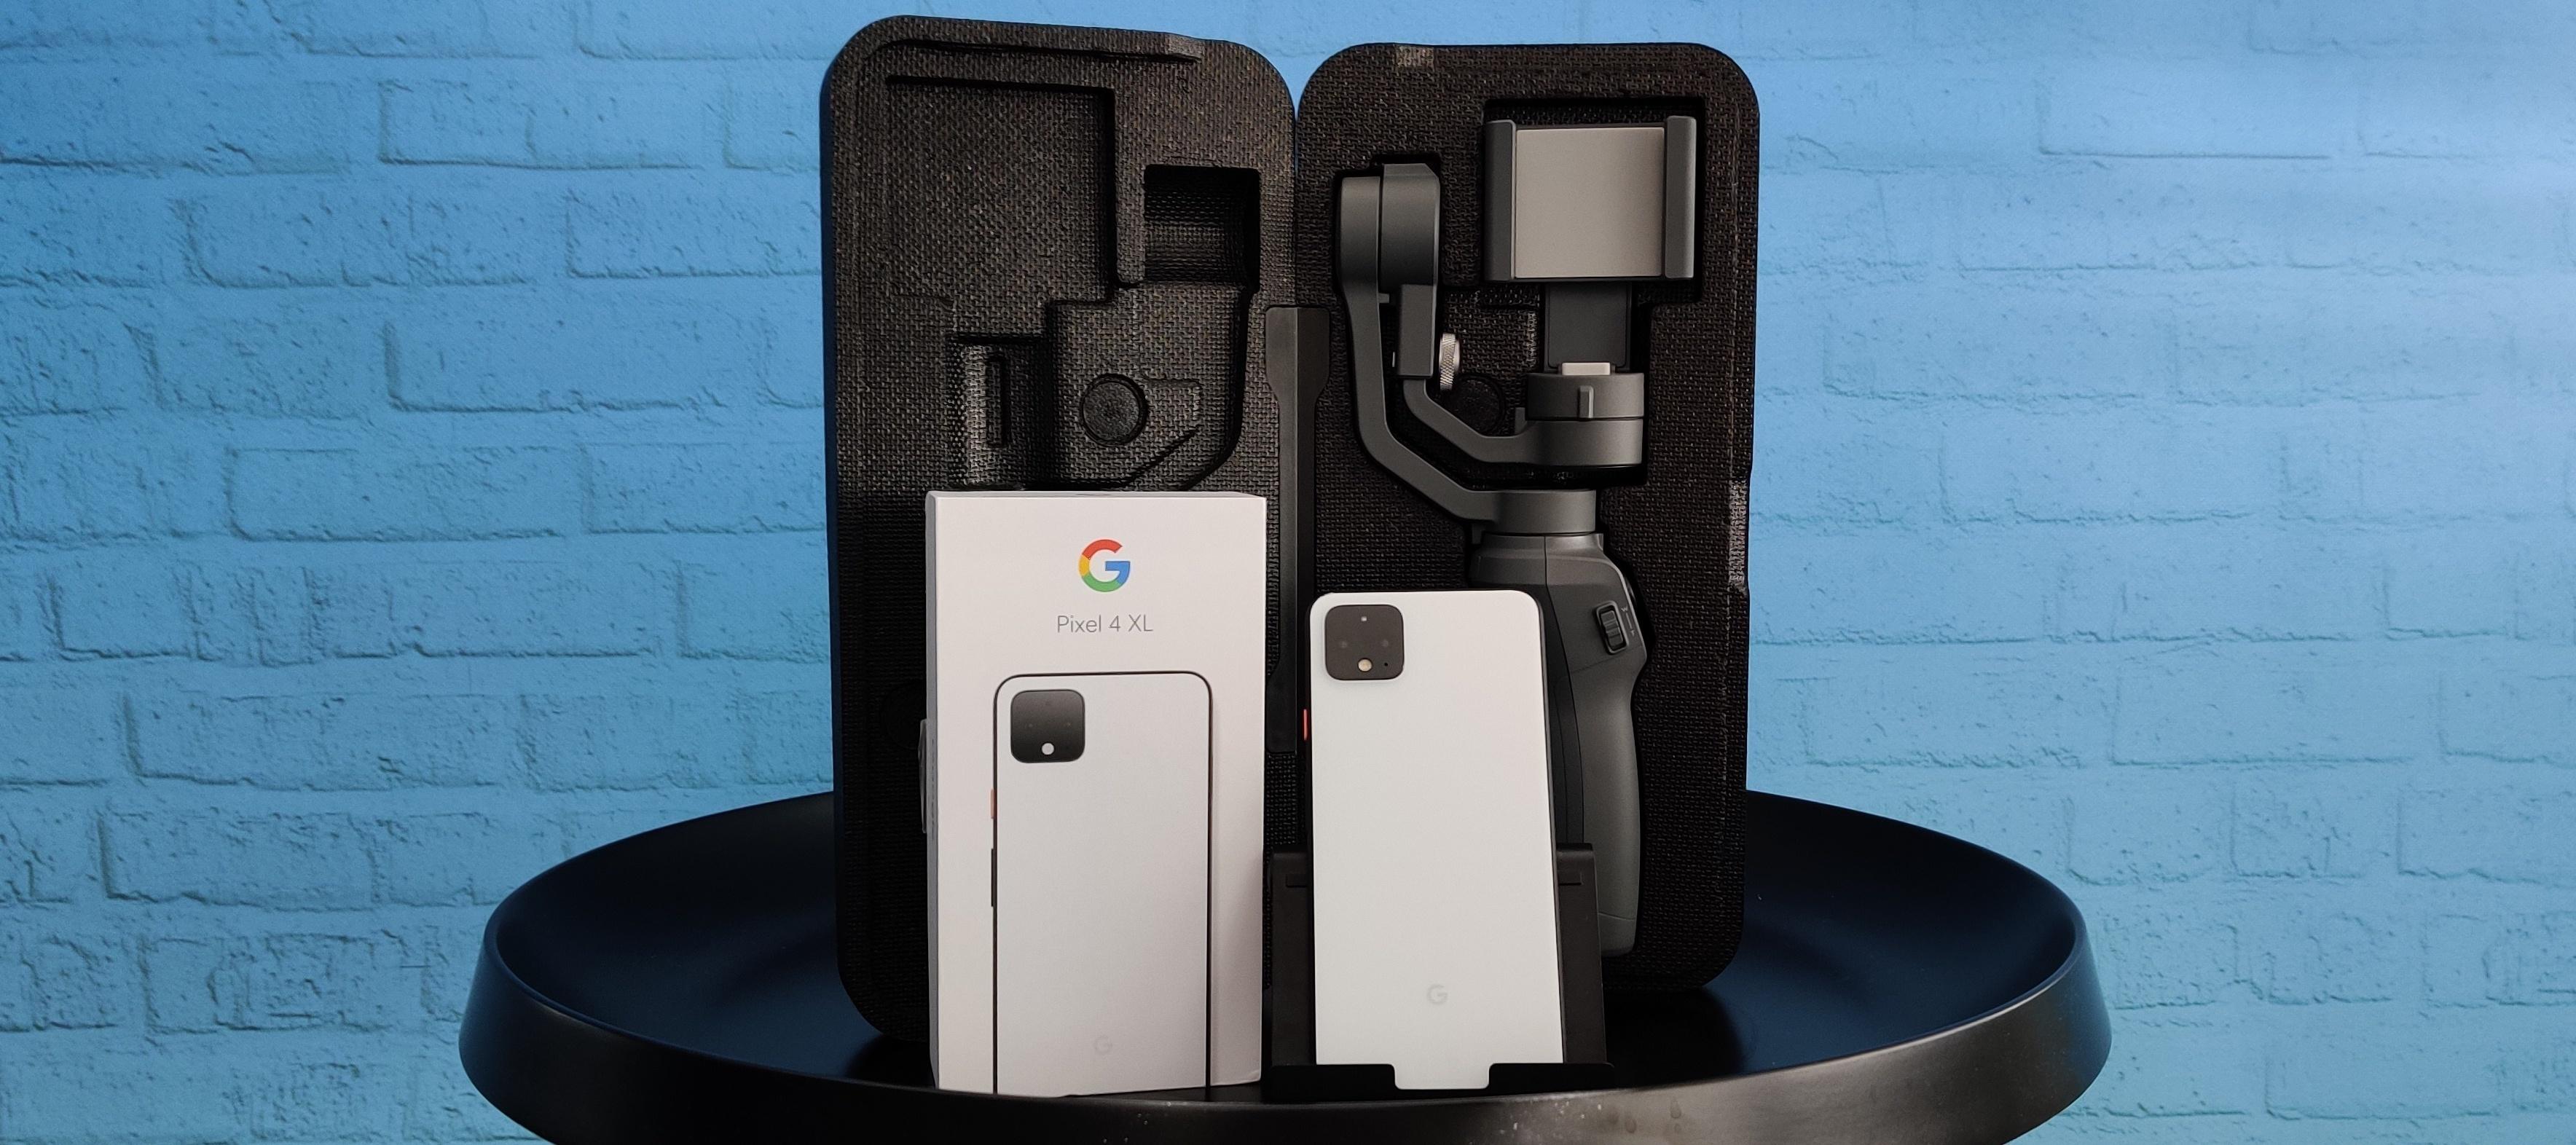 Google Pixel 4 XL & DJI Osmo Mobile 2 Testbundle: Als Produkttester/in stabil durch die Weihnachtszeit